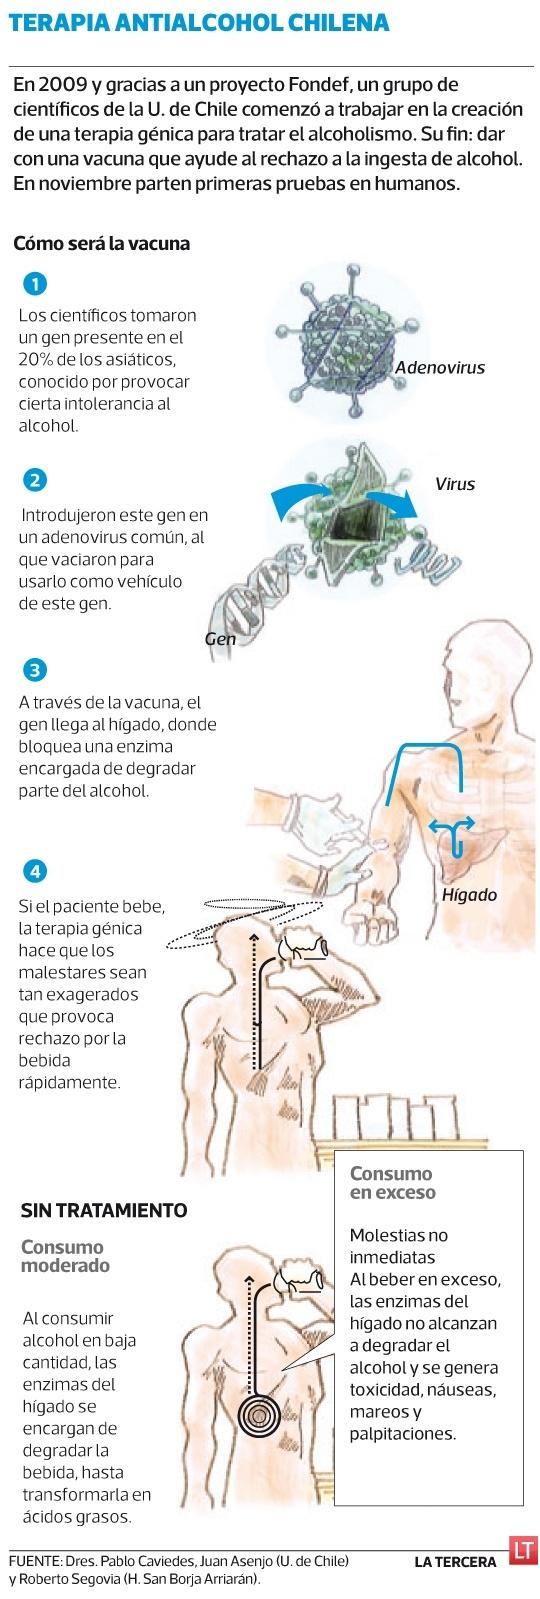 En noviembre se probará en chilenos la primera vacuna que incrementa malestares físicos cada vez que se bebe alcohol. La terapia que intenta evitar el alcoholismo fue desarrollada por científicos de la U. de Chile y una dosis es efectiva por un año.